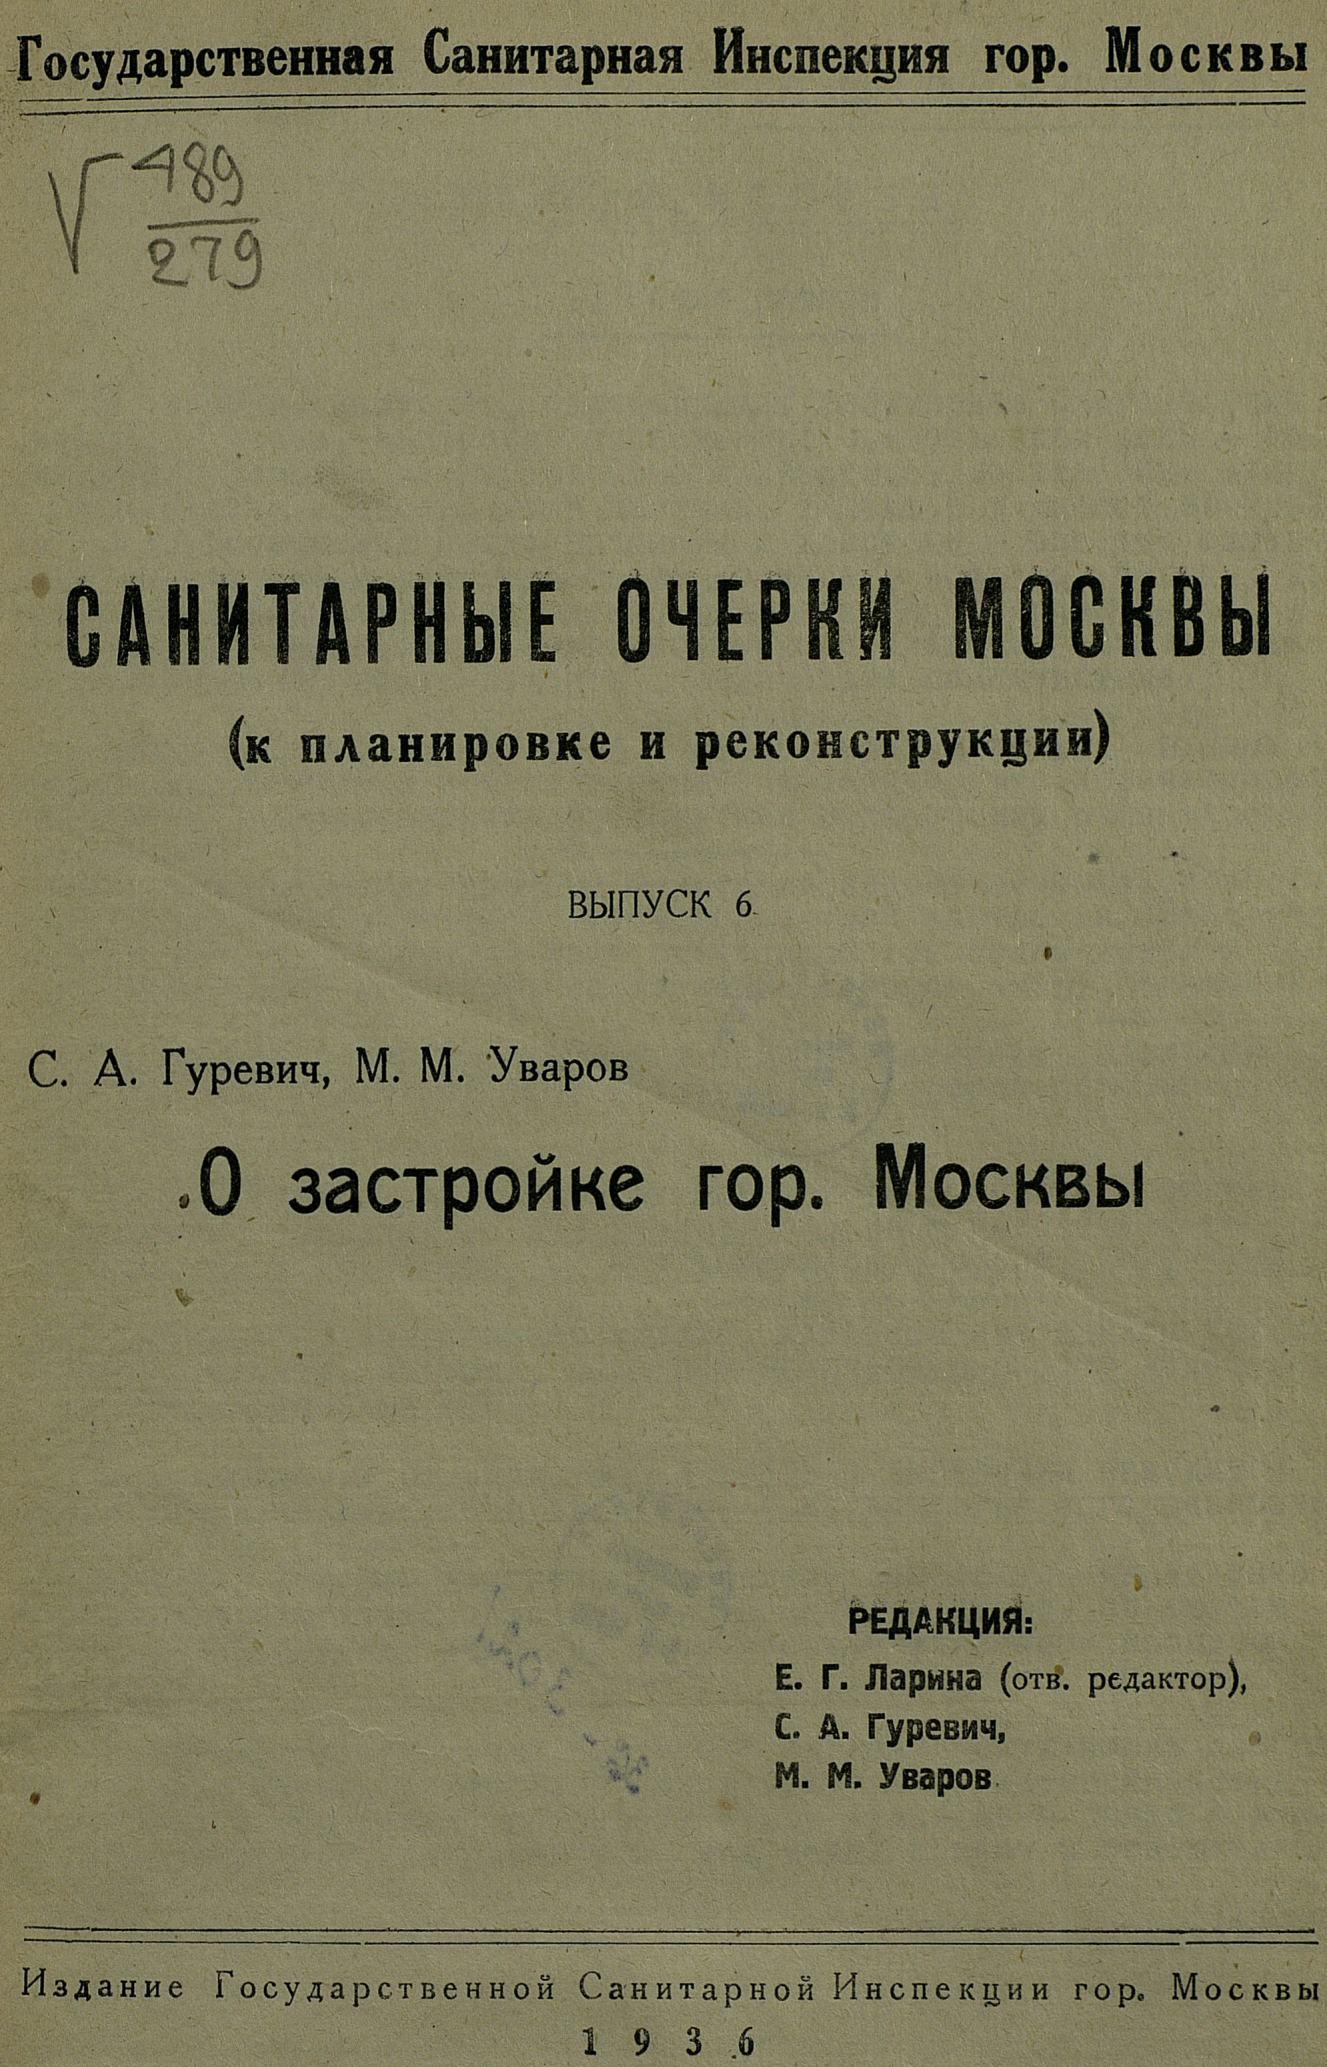 gurevich-uvarov-o-zastroike-moskvy-1936_Page7.jpg